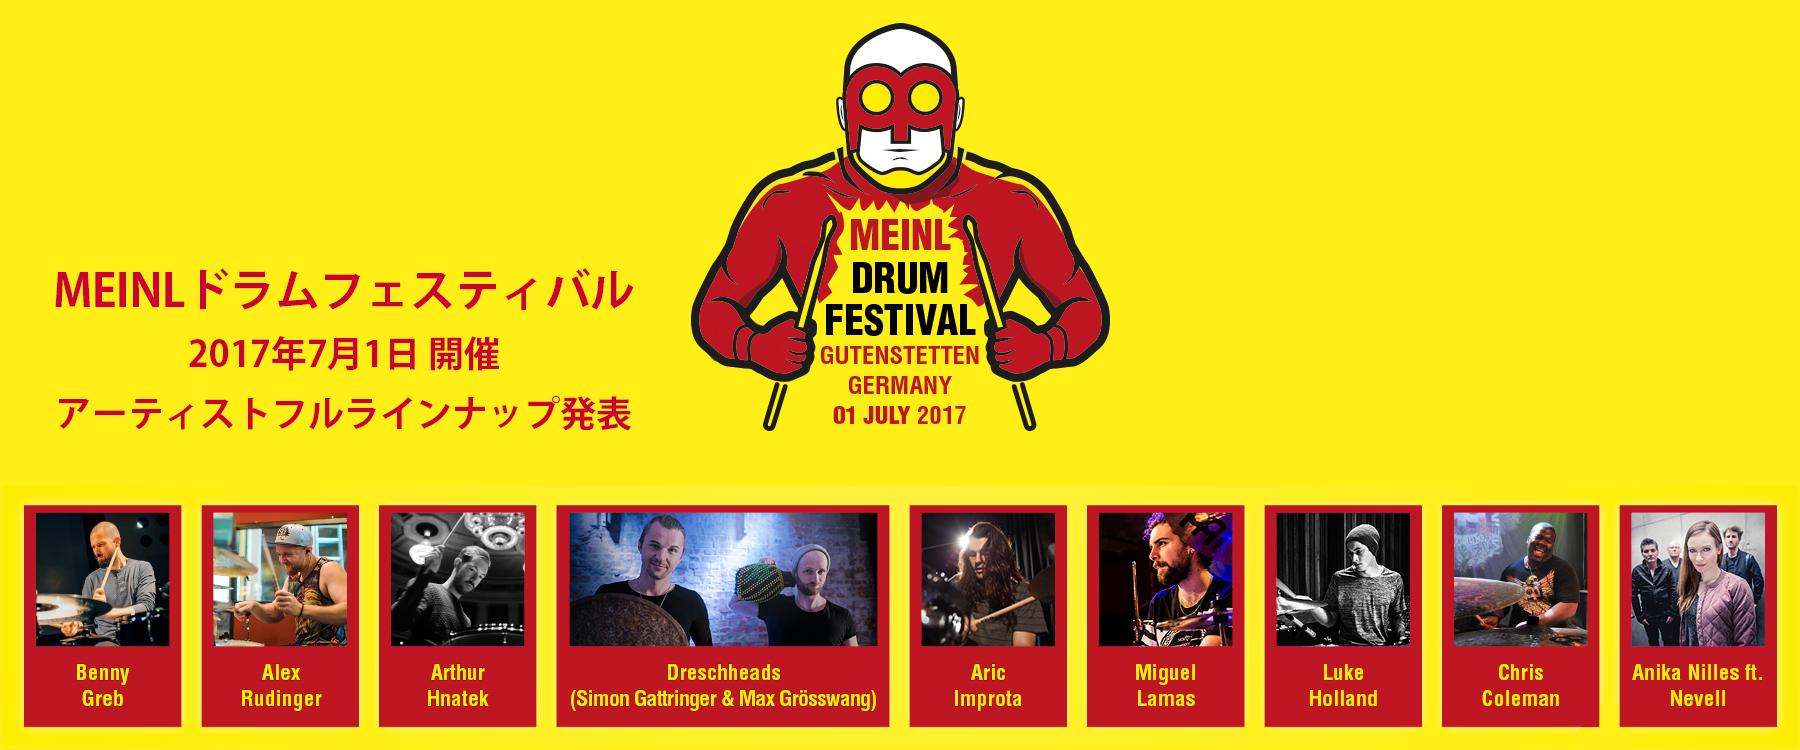 MEINL ドラムフェスティバル 2017年7月1日 ドイツで開催